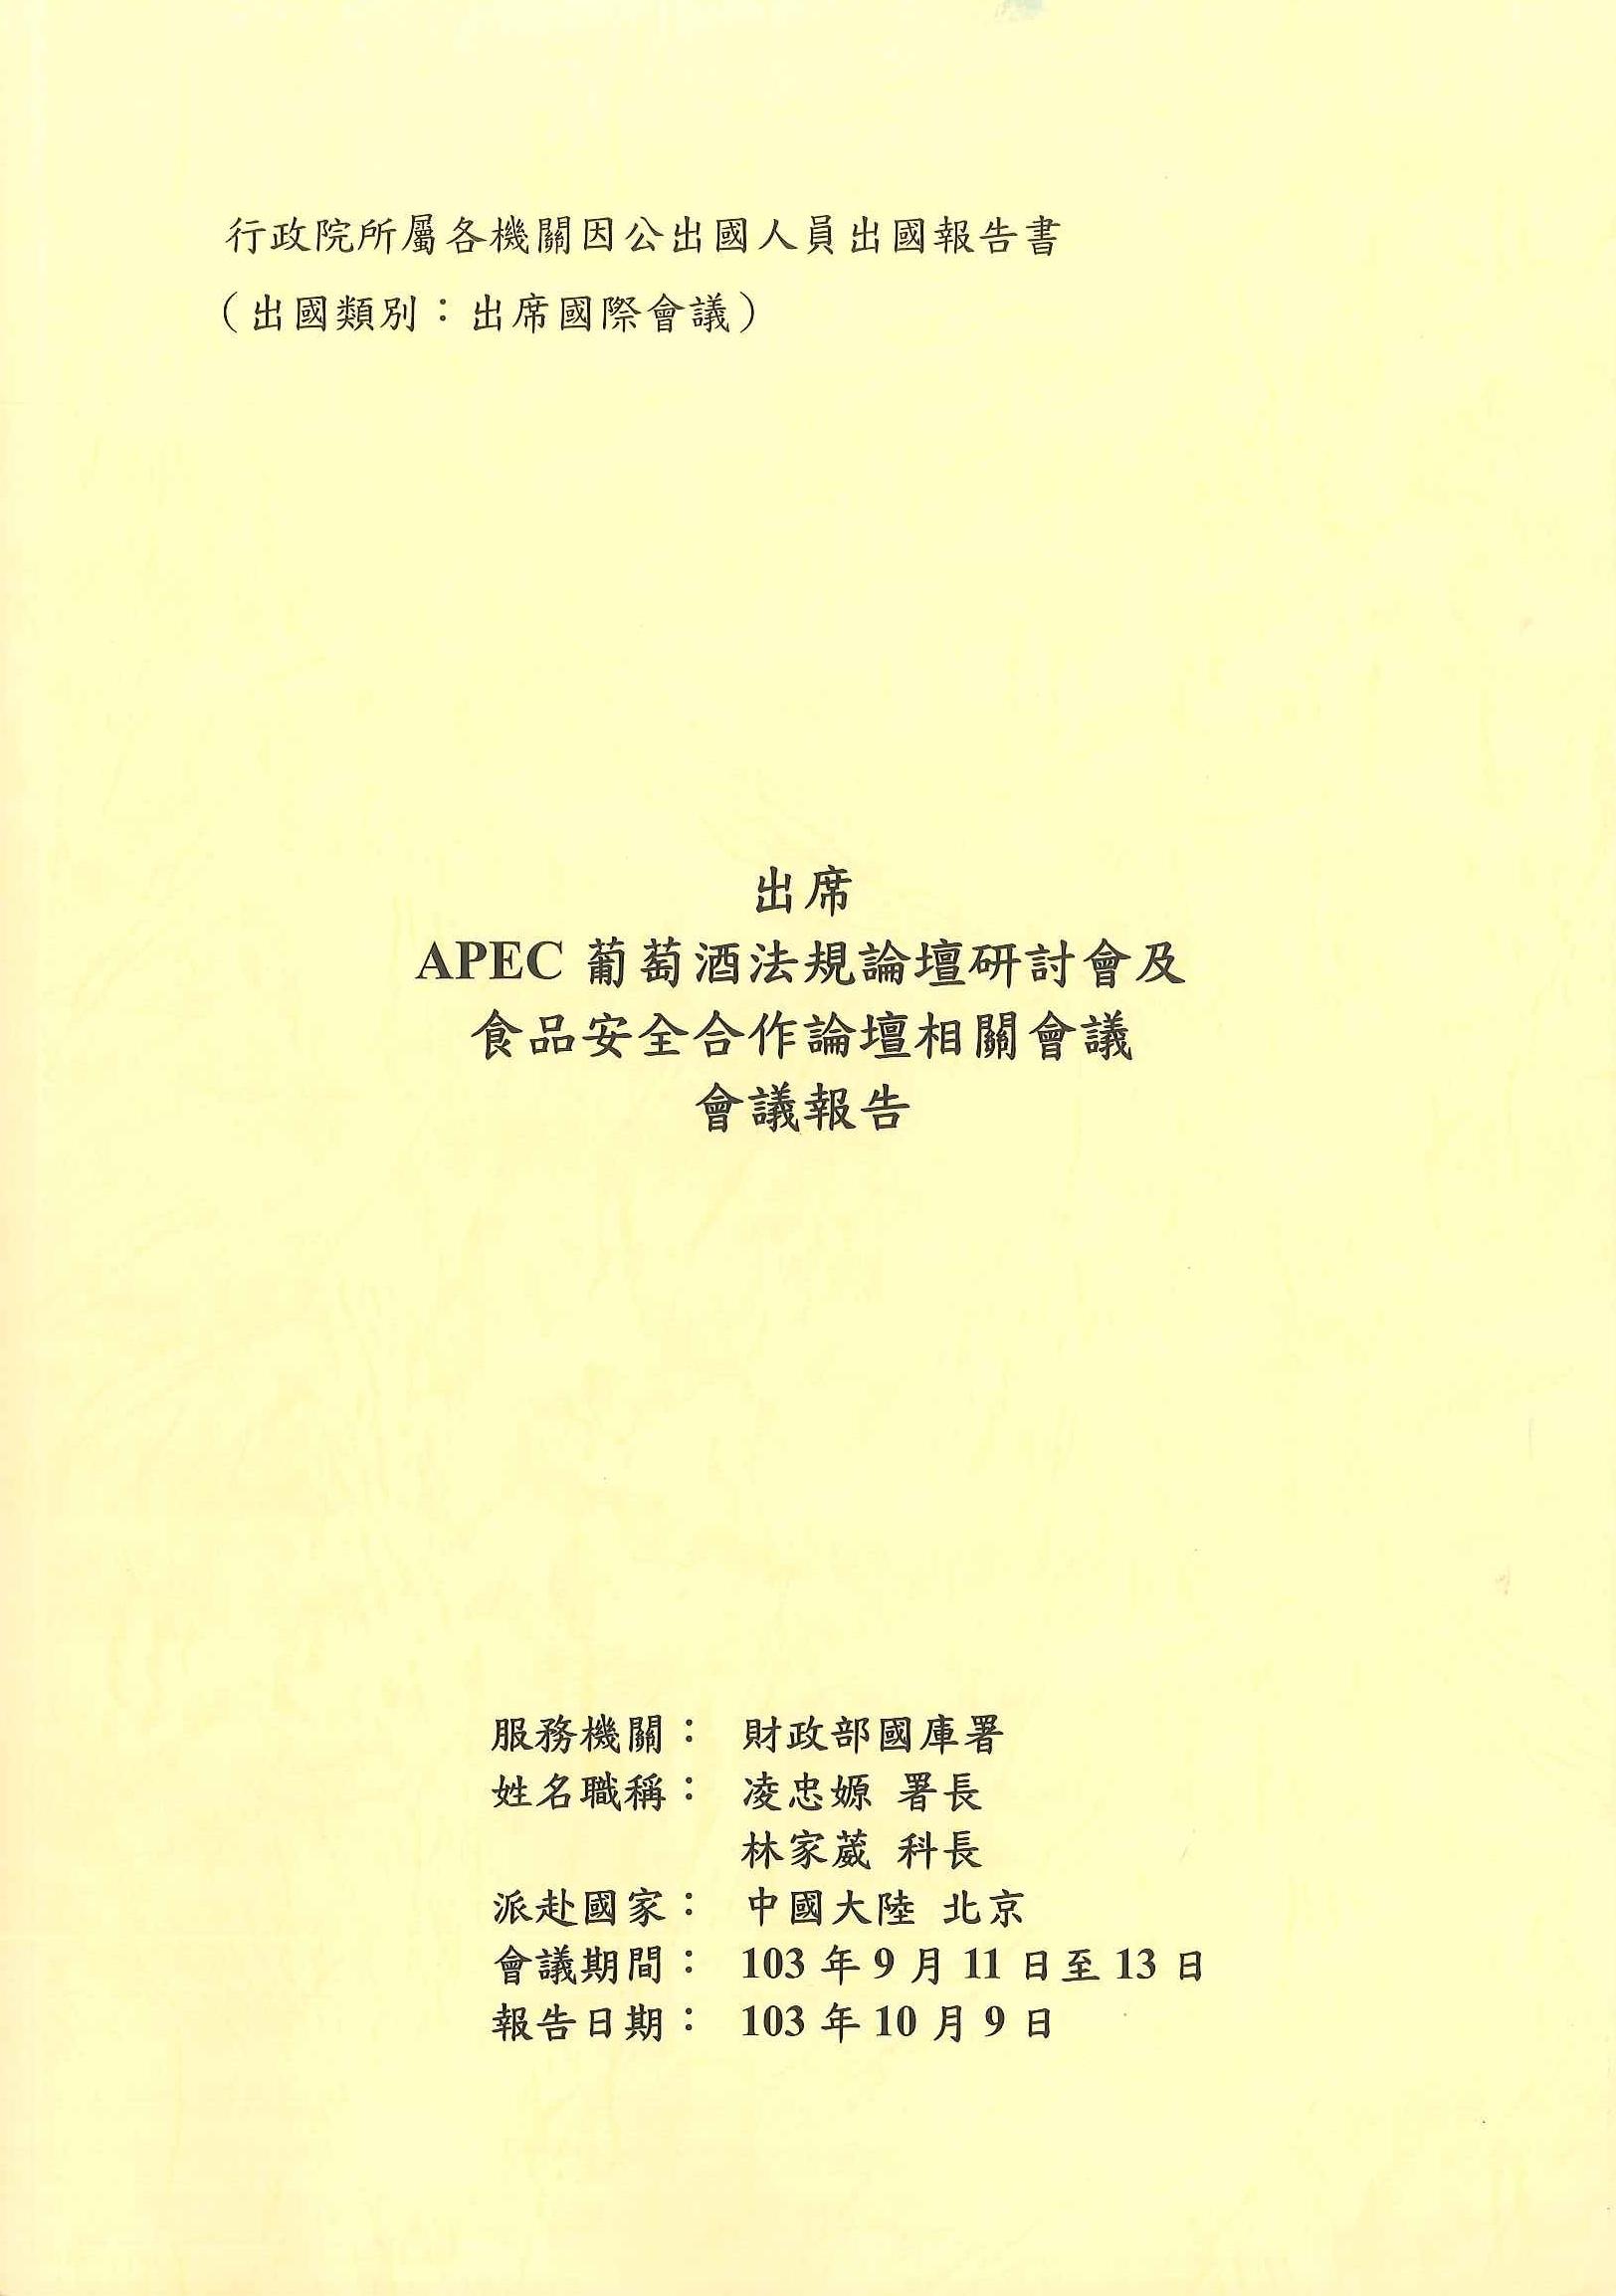 出席APEC葡萄酒法規論壇研討會及食品安全合作論壇相關會議會議報告